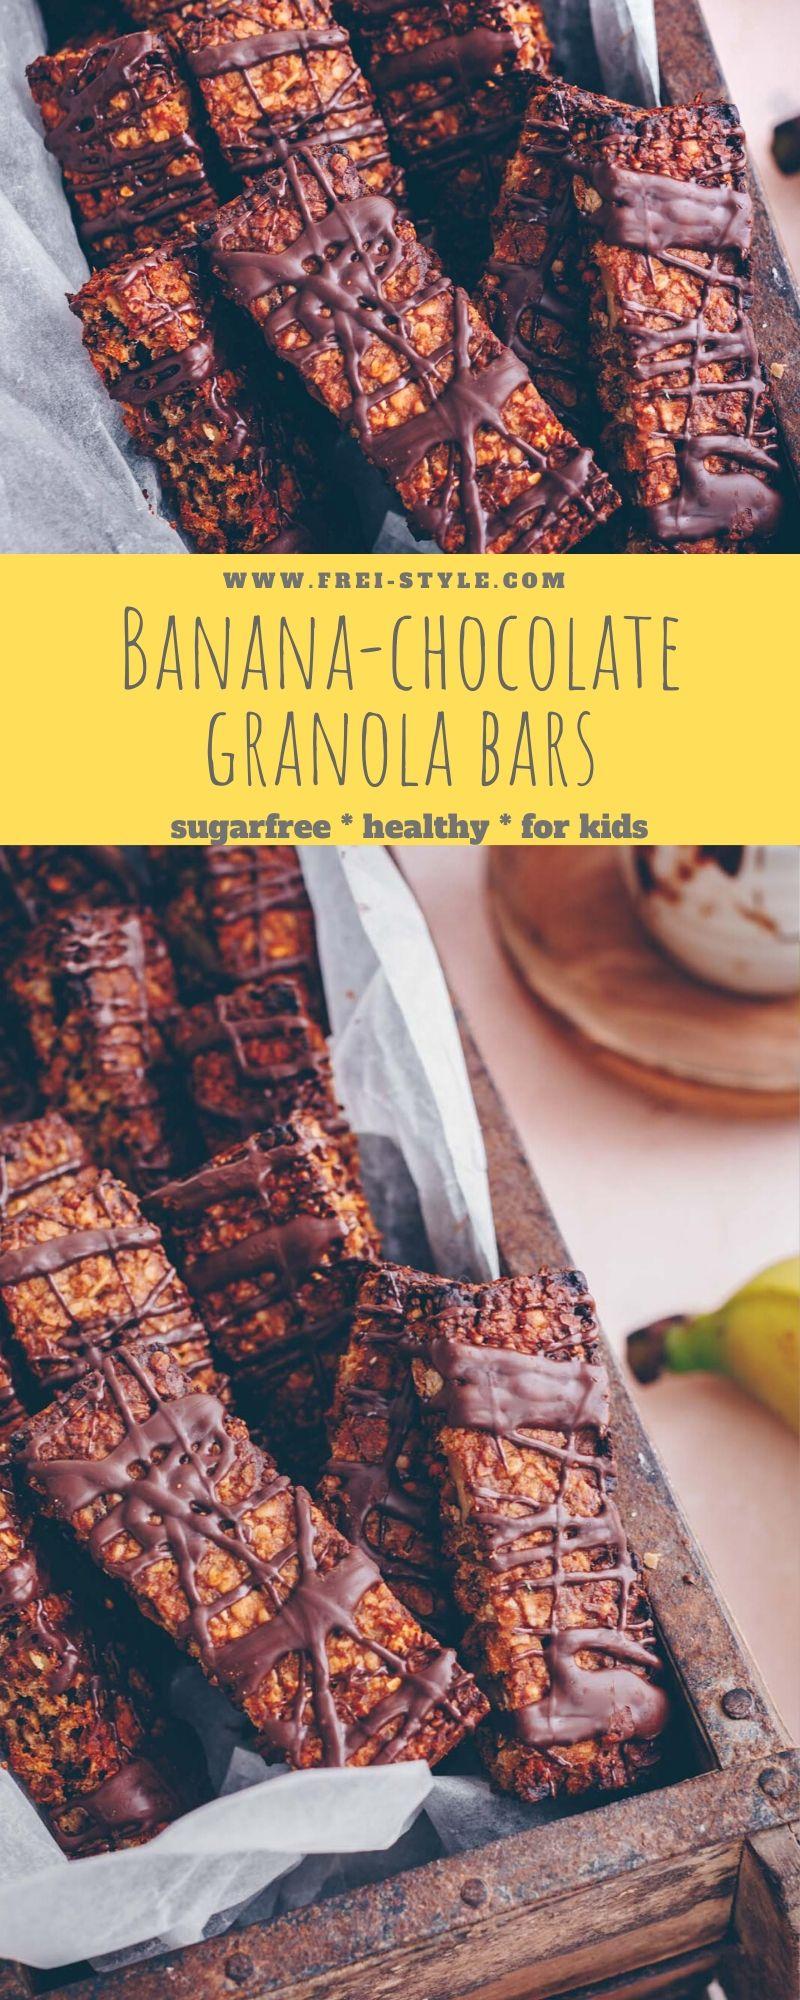 Banana Chocolate Granola Bar